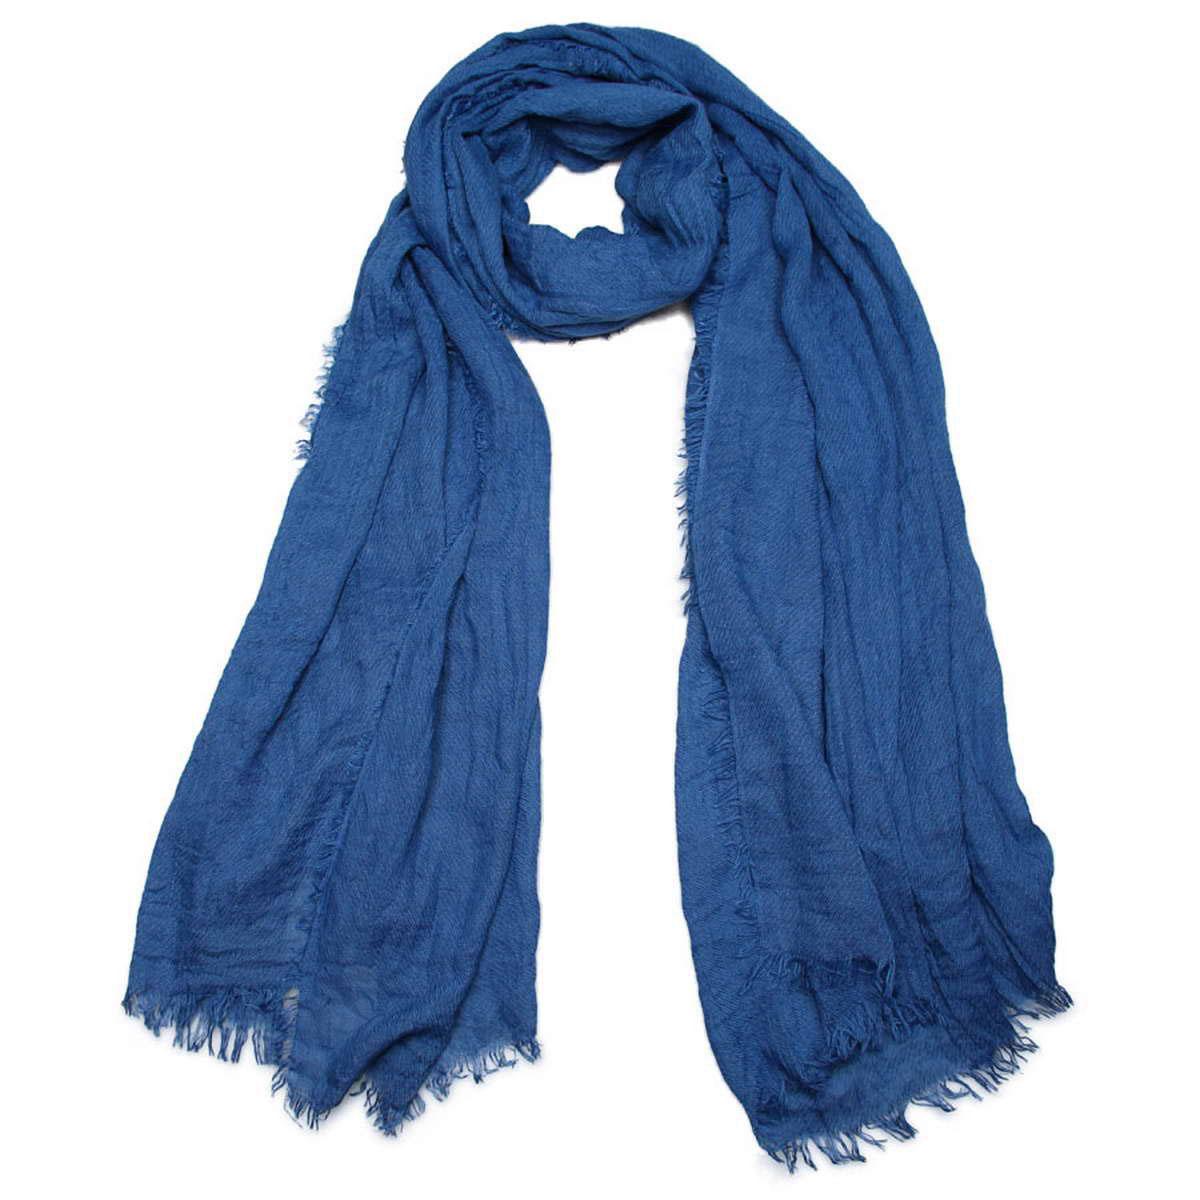 Палантин женский Venera, цвет: синий. 3415601-11. Размер 90 см х 200 см3415601-11Элегантный однотонный женский палантин Venera изготовлен из вискозы. Палантин имеет отличное качество и приятную текстуру материала, он подарит настоящий комфорт при носке, а большие размеры позволят завязать изделие множеством вариантов. Жатая структура ткани смотрится весьма оригинально.